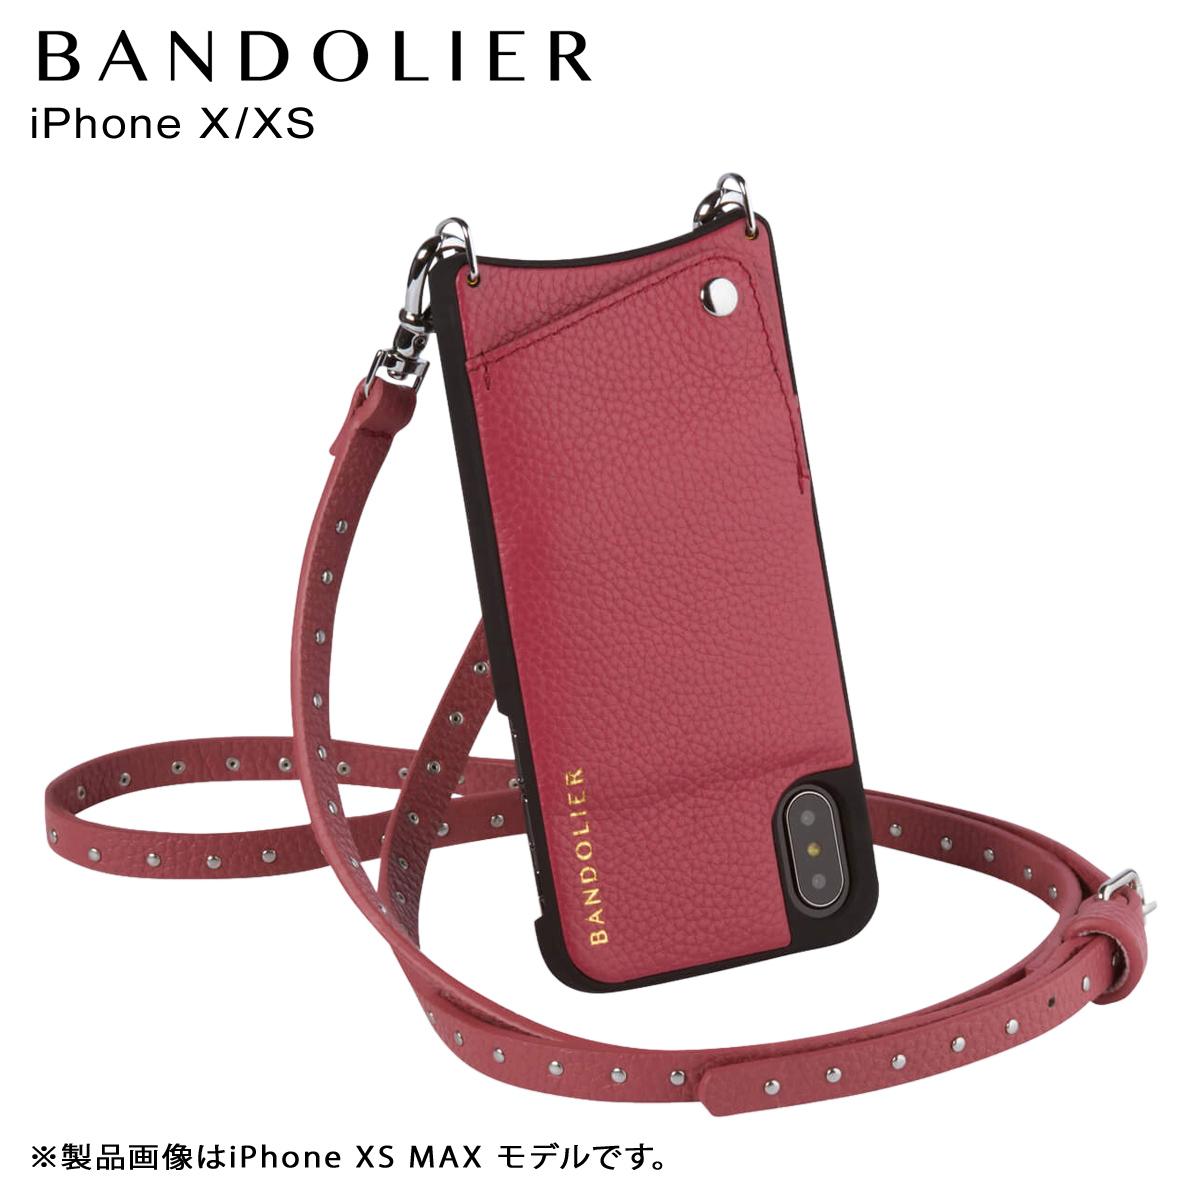 【最大2000円OFFクーポン】 BANDOLIER バンドリヤー iPhone XS X ケース ショルダー スマホ アイフォン レザー NICOLE MAGENTA RED メンズ レディース マゼンタレッド 10NIC1001 [2/15 追加入荷]